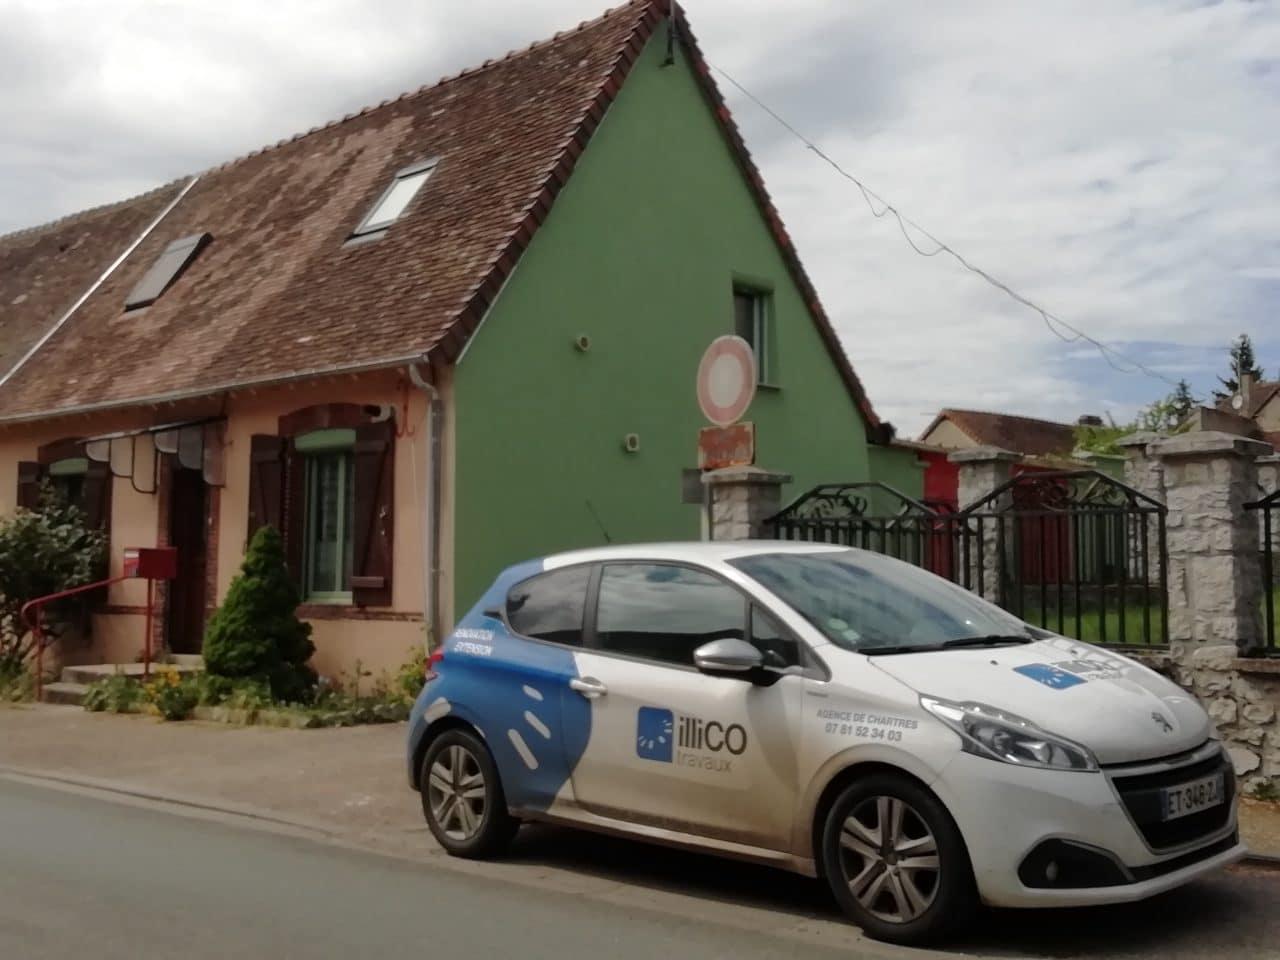 rénovation toiture maison couverture sous-toiture isolation Belhomert-Guéhouville